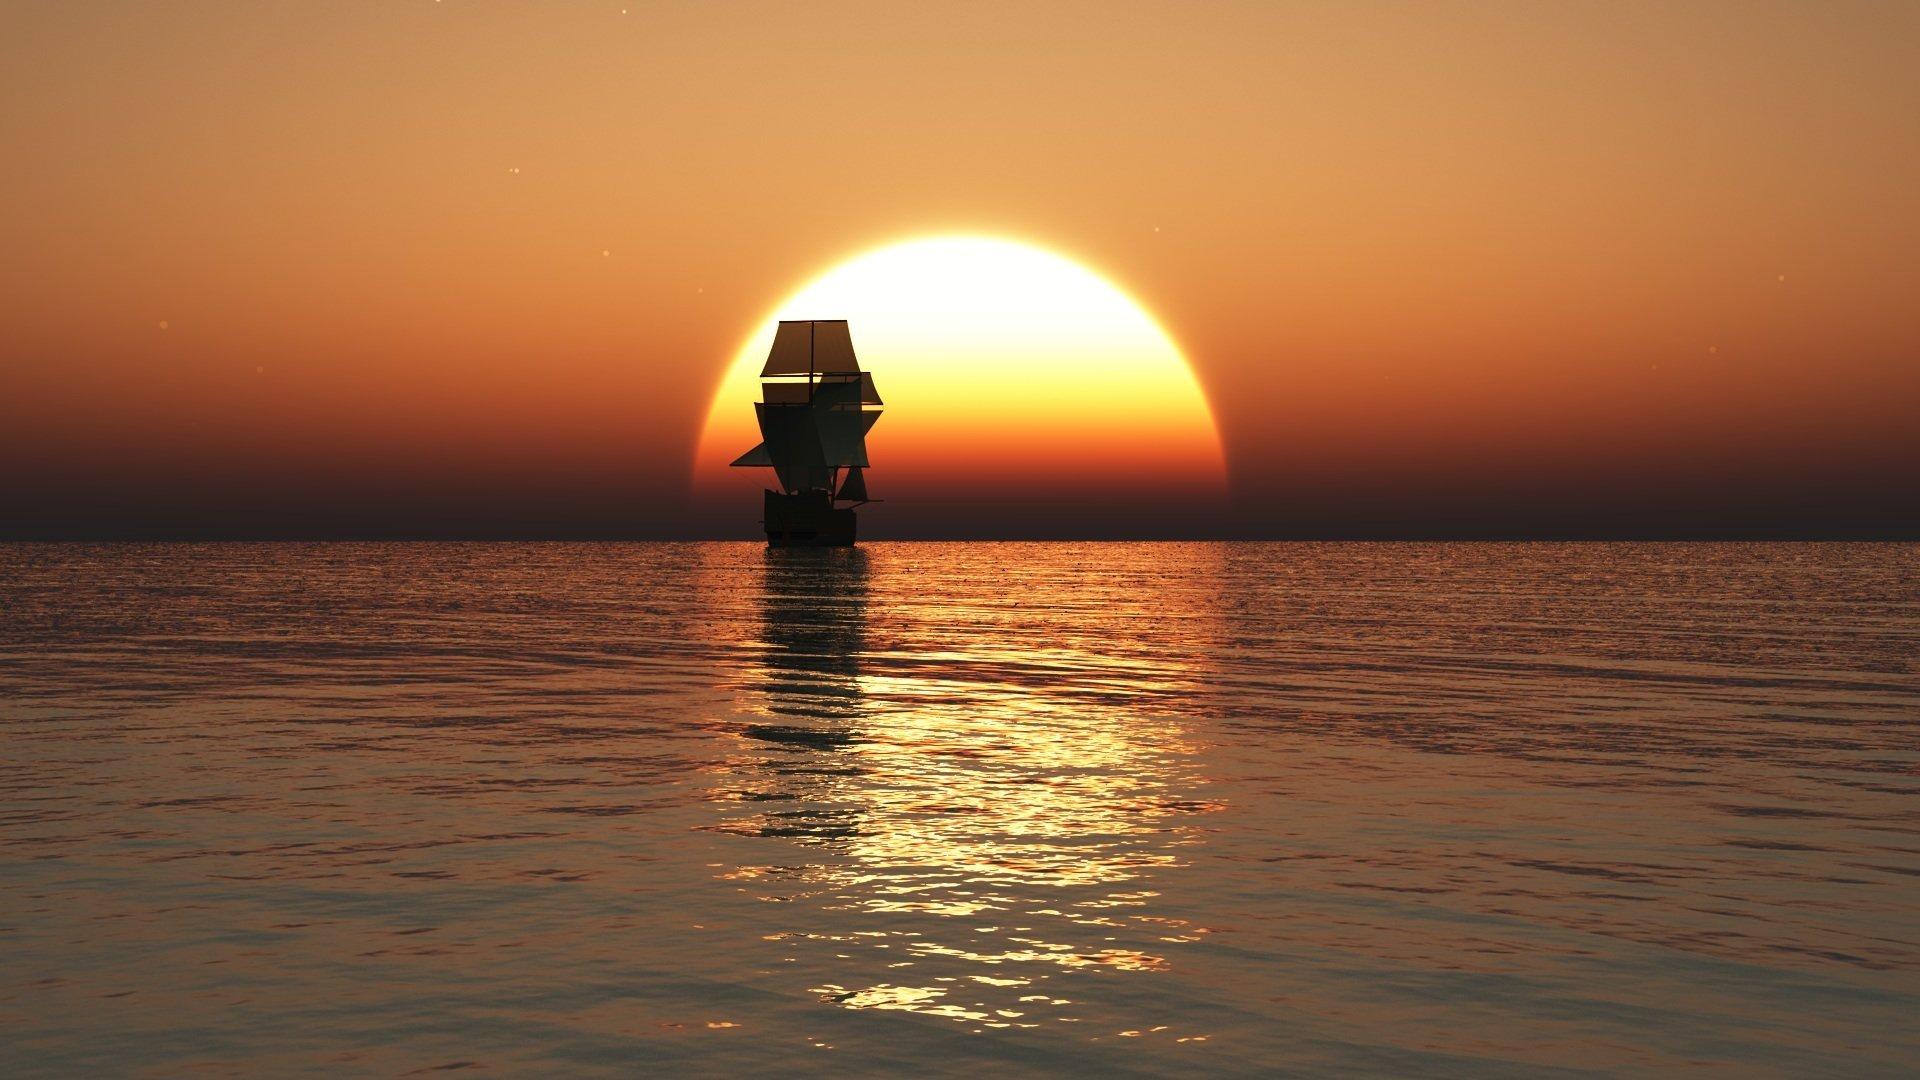 для картинка корабль уходит в море на закате даже можете